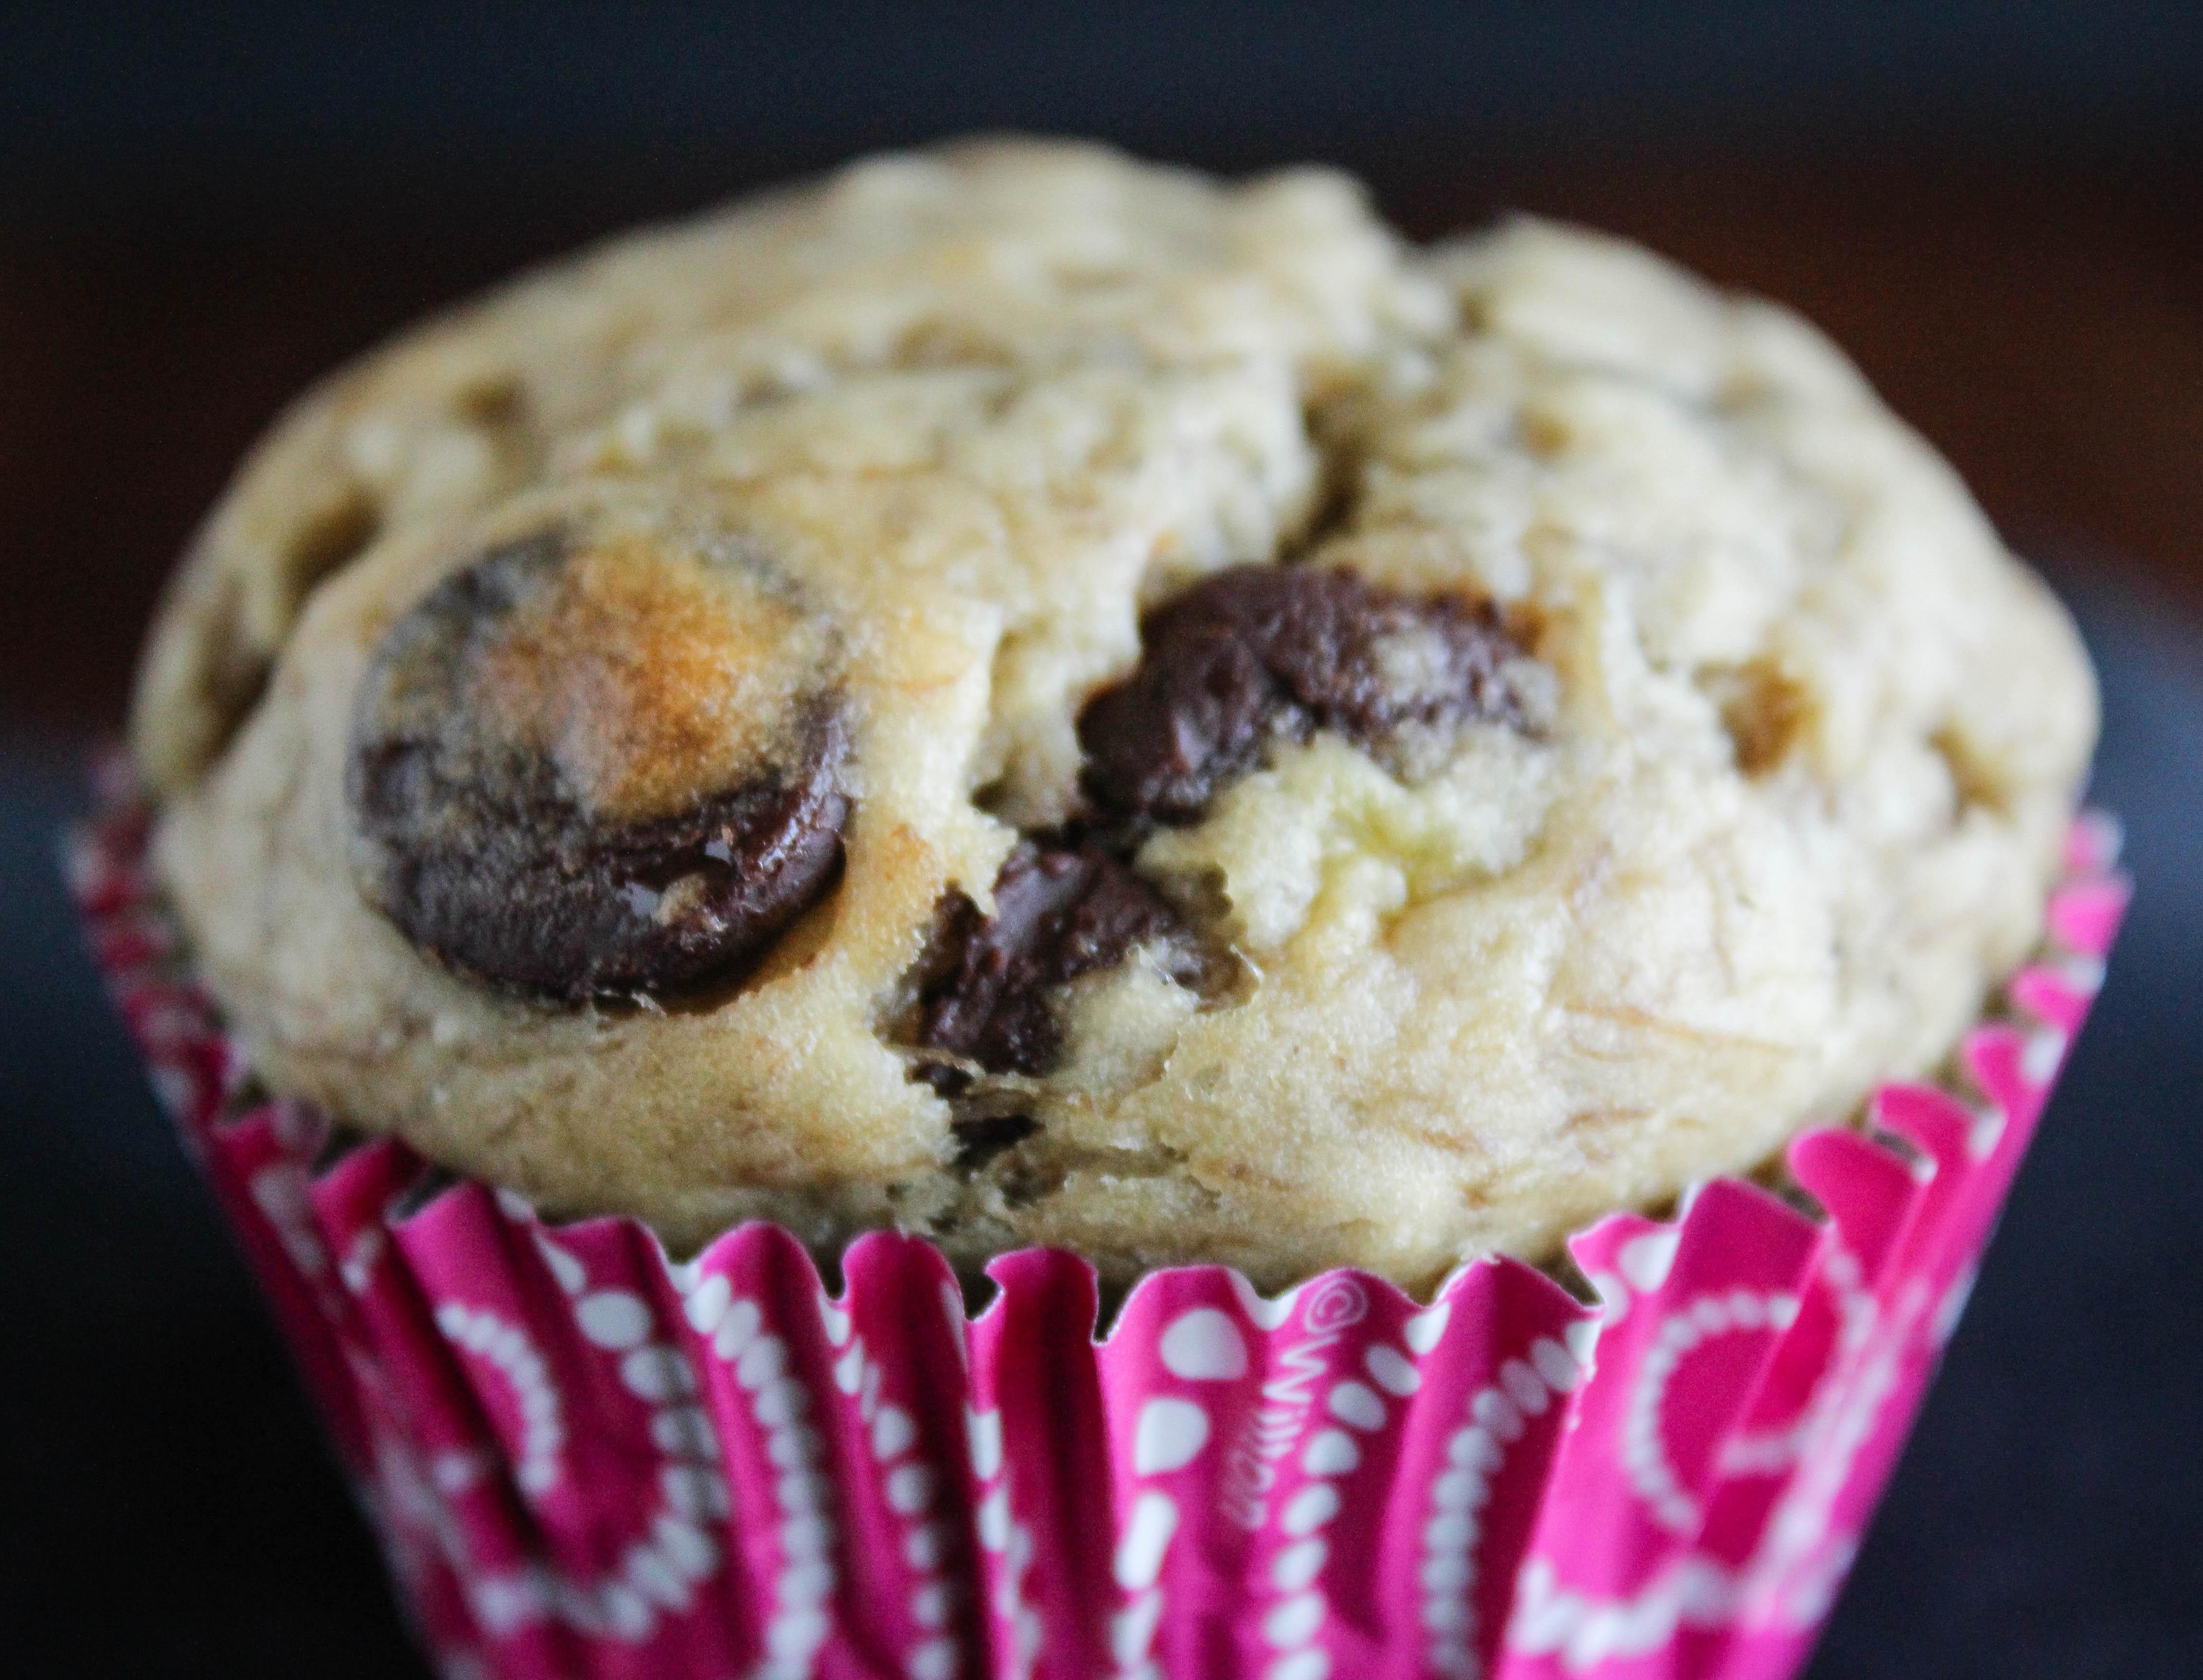 choc chip banana muffin 2